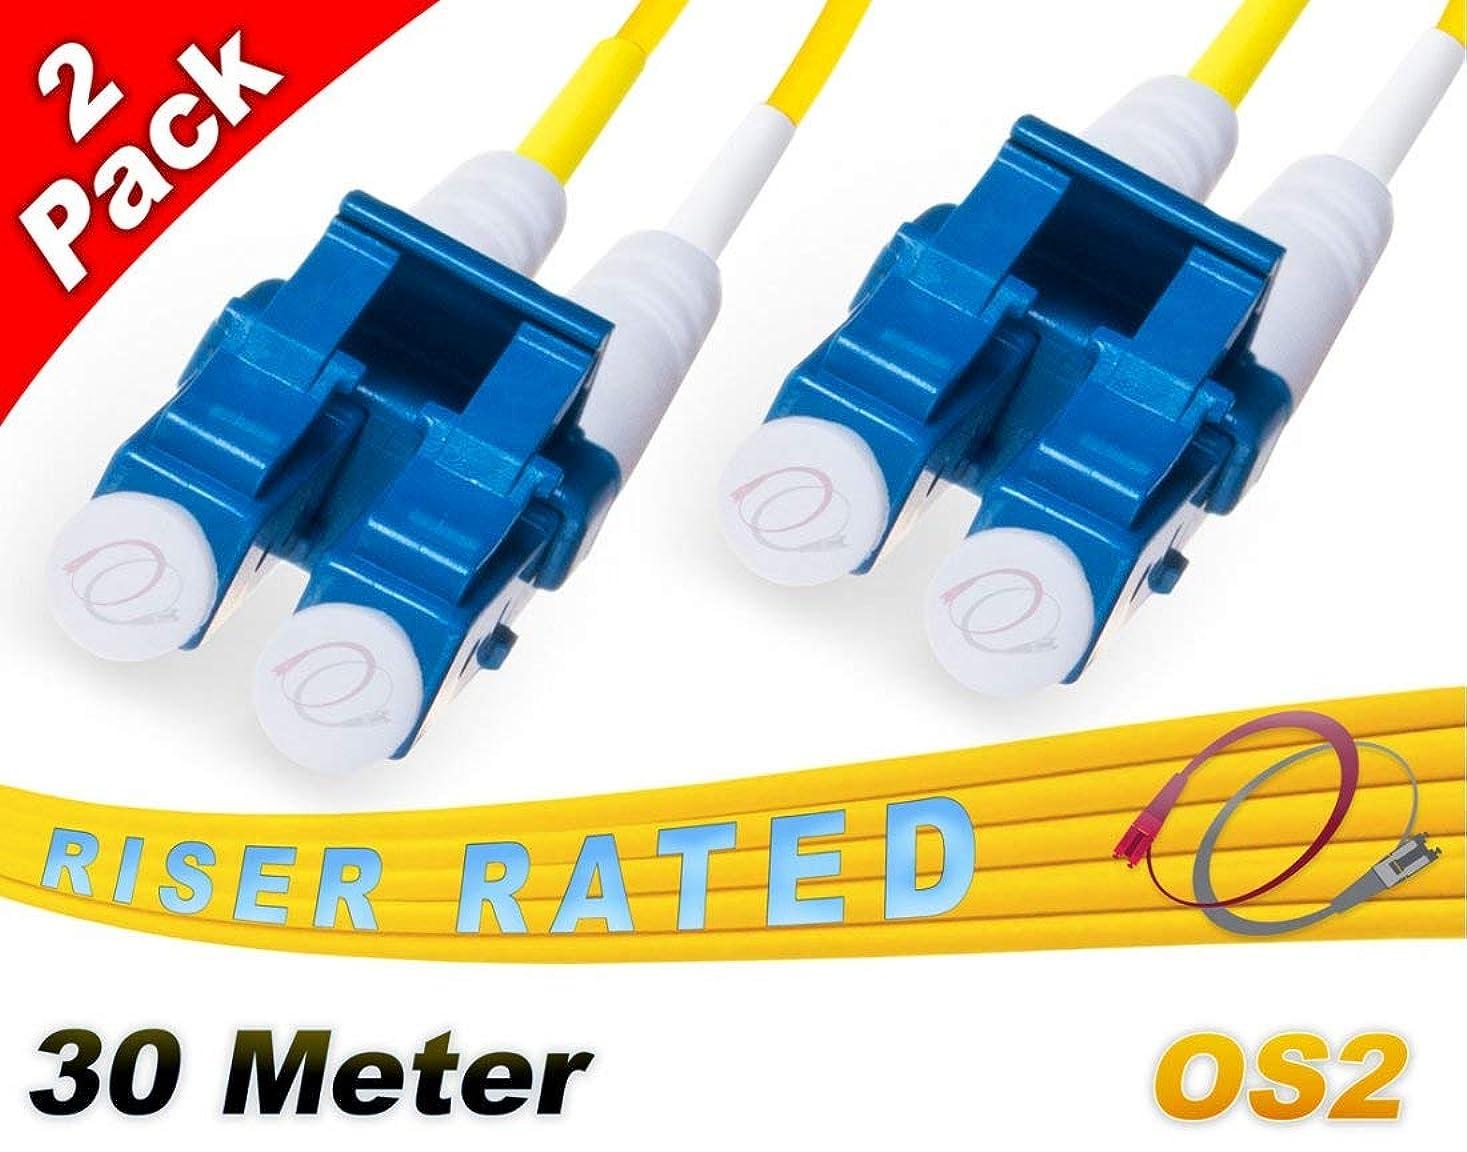 カリング血統散るFiberCablesDirect - マルチパック 30M OS2 LC シングルモード ファイバーパッチケーブル | デュプレックス 9/125 LC から LC シングルモード ジャンパーコード 30メートル (98.42フィート) | パックオプション: 2、4、6、10、12、24 | パッチコード lc-lc 2 pack イエロー FCDUS420v11776